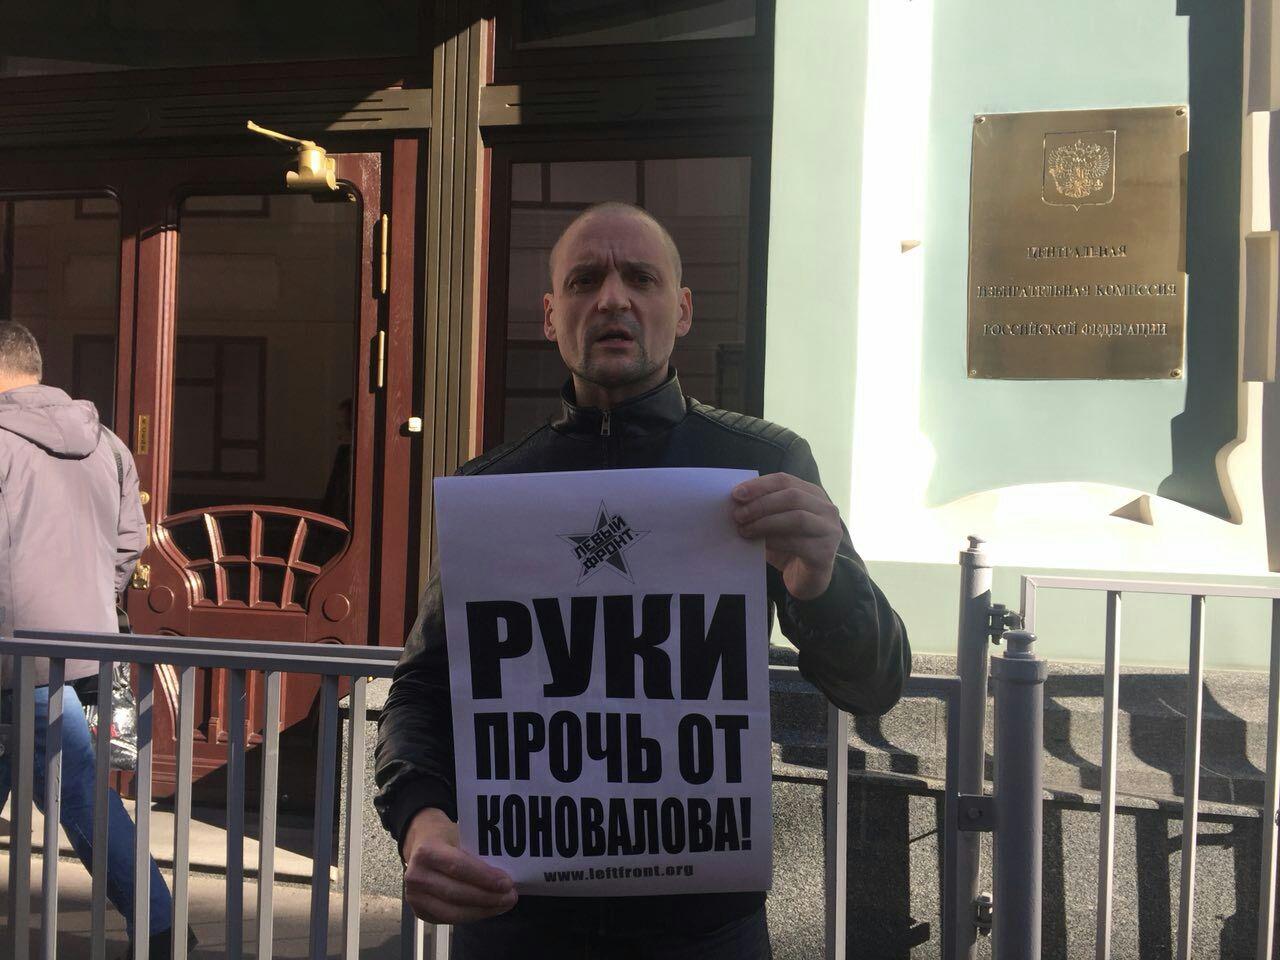 Удальцов провел пикет у здания ЦИК в поддержку Коновалова